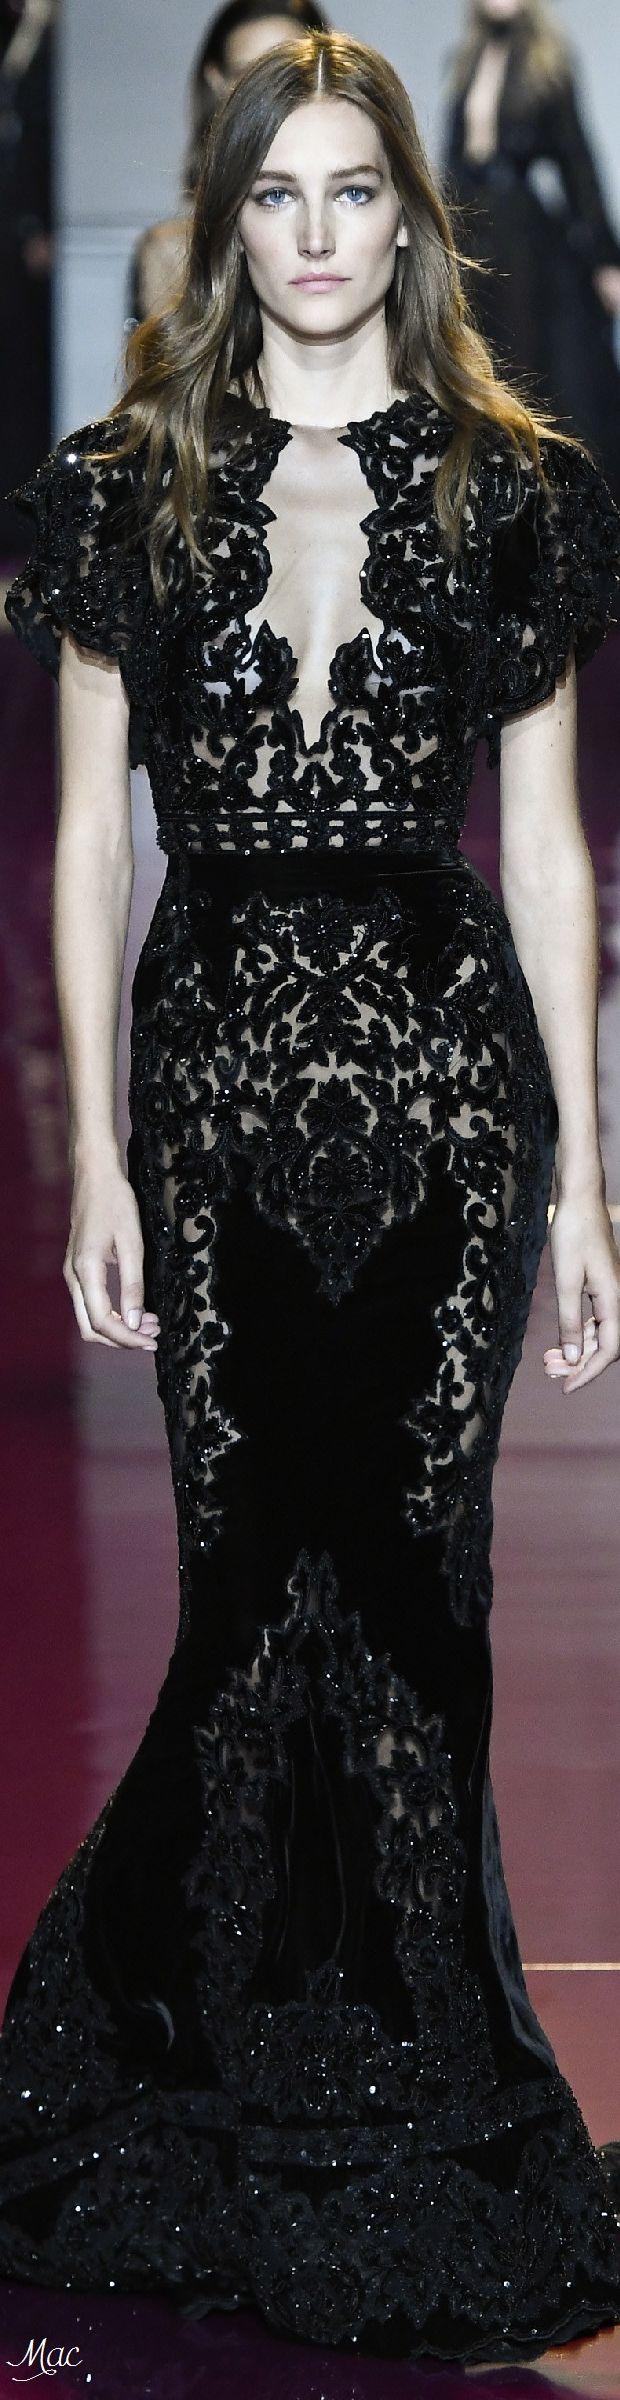 手机壳定制best online fashion jewelry shopping Fall   Haute Couture  Zuhair Murad